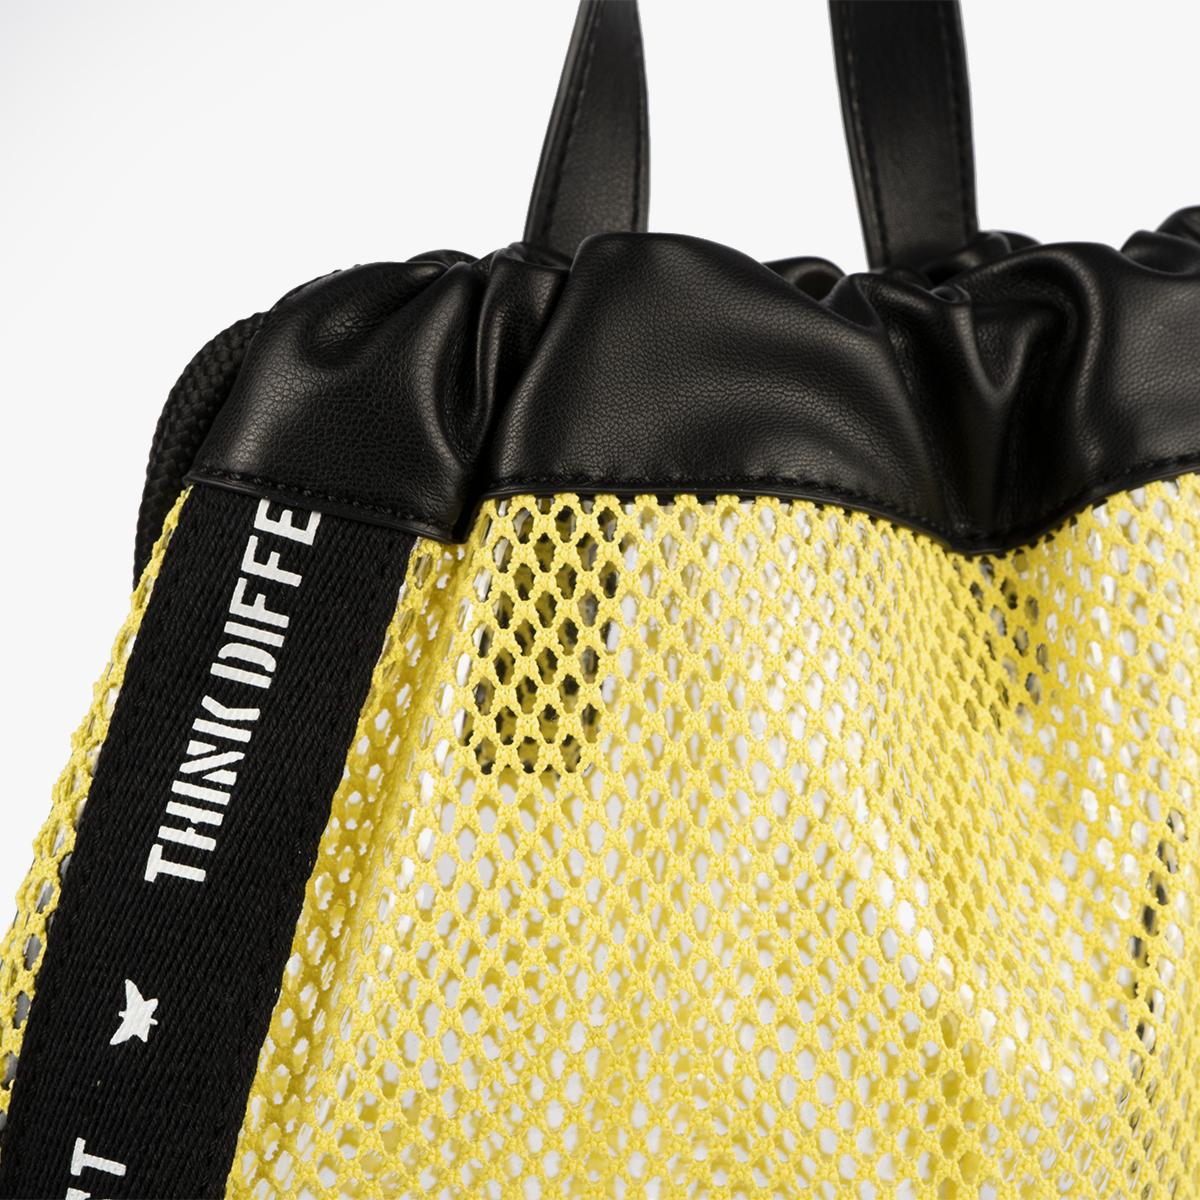 bolso mochila de malla amarillo pepemoll 51151